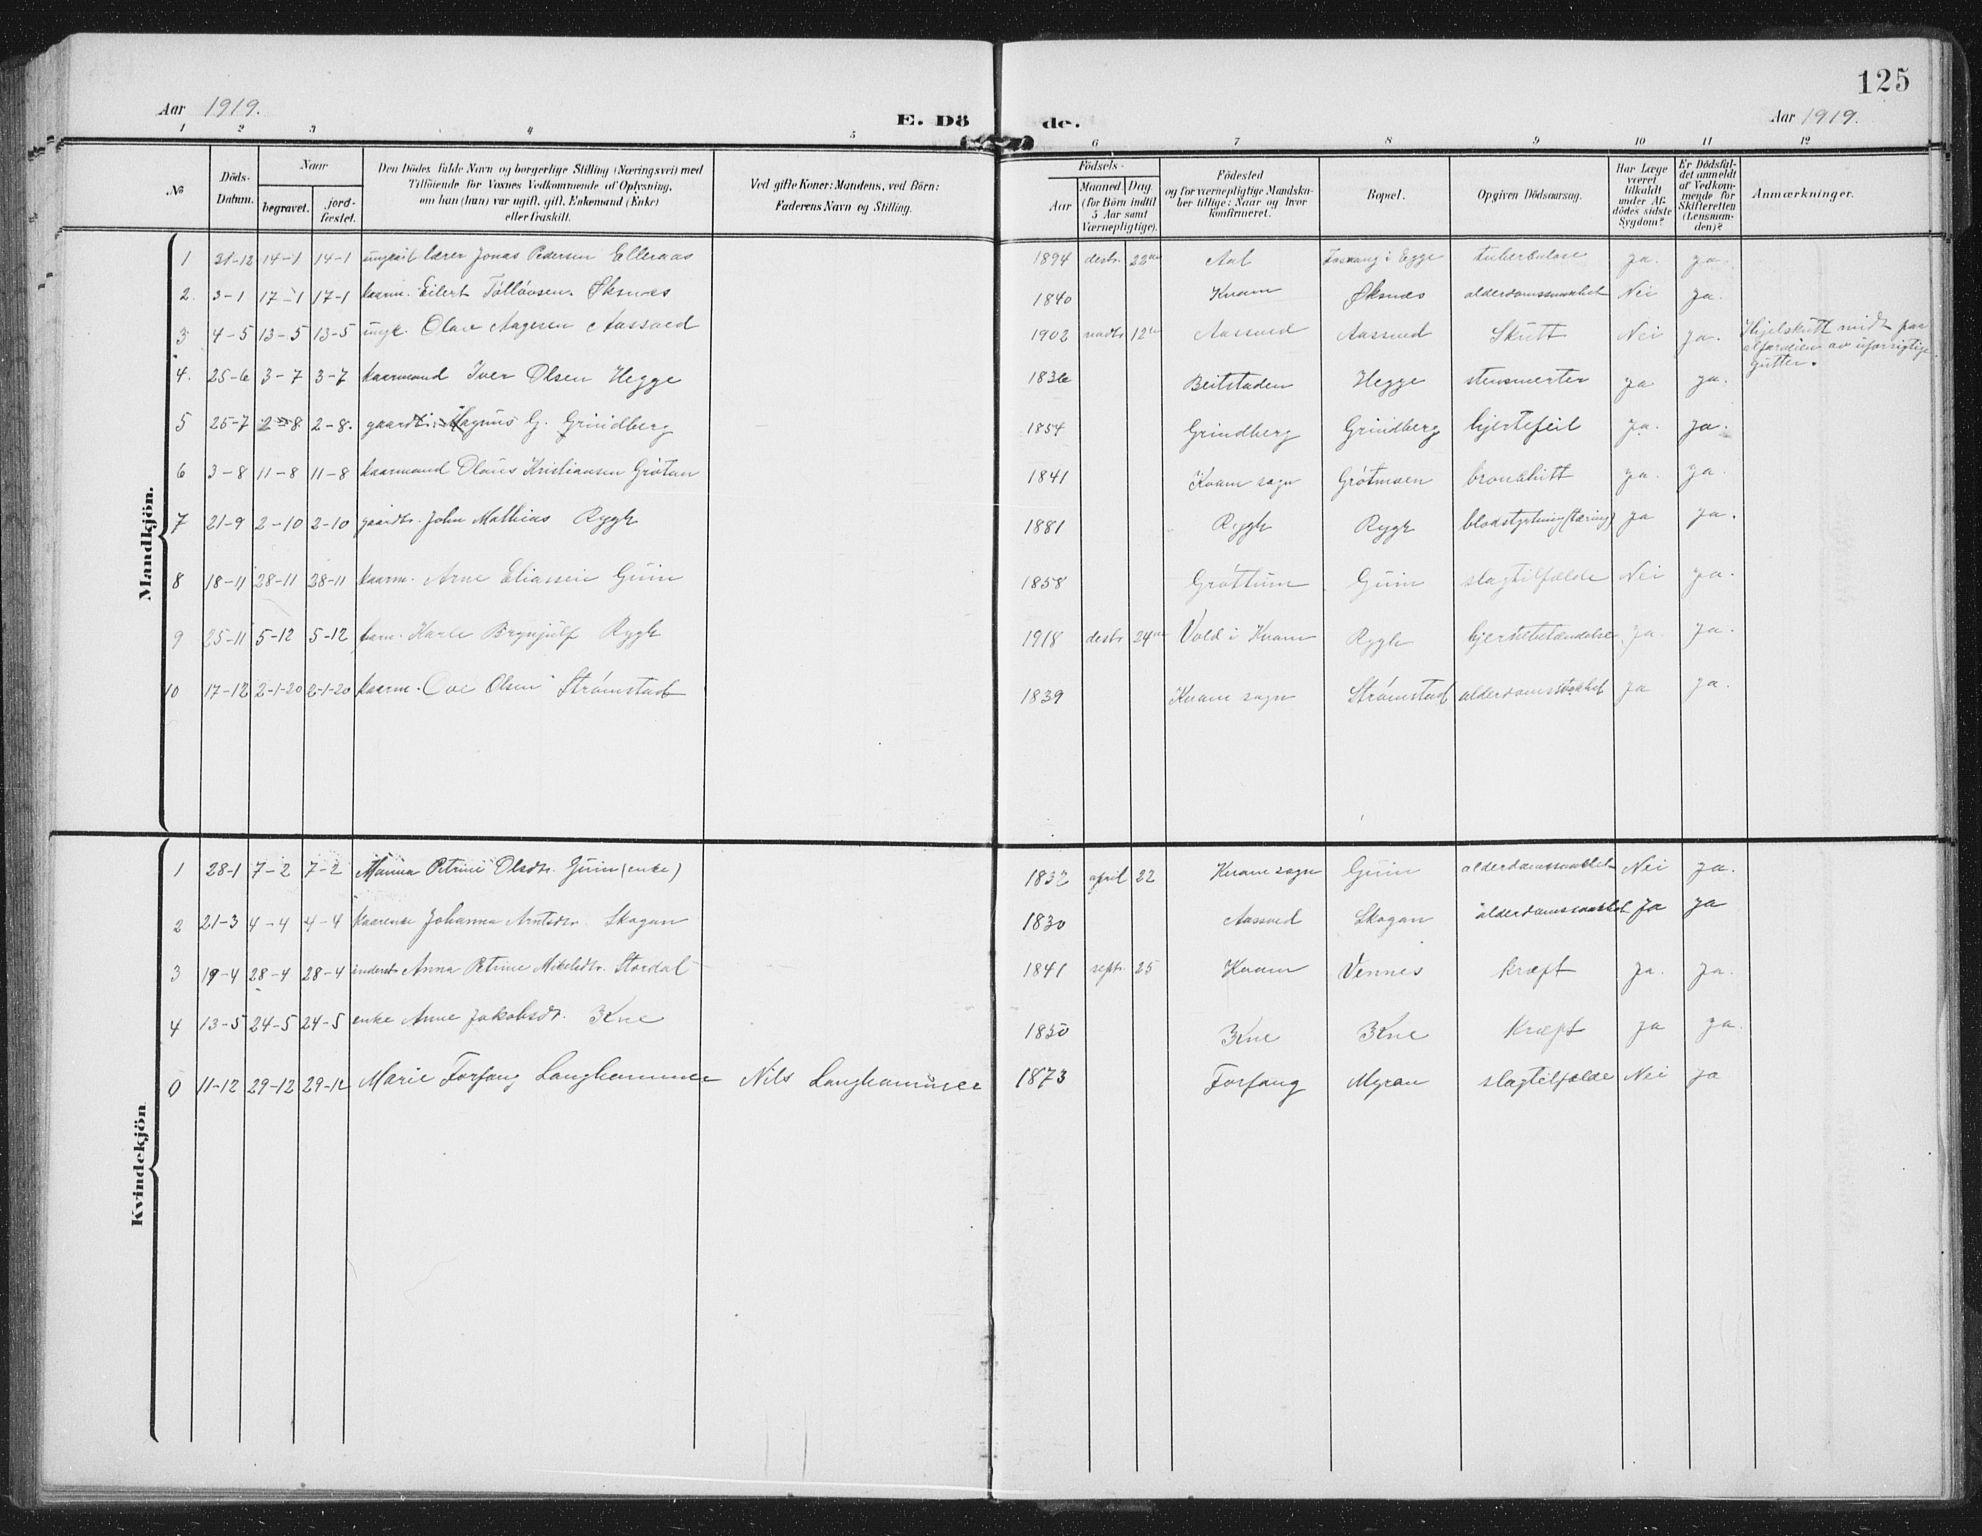 SAT, Ministerialprotokoller, klokkerbøker og fødselsregistre - Nord-Trøndelag, 747/L0460: Klokkerbok nr. 747C02, 1908-1939, s. 125